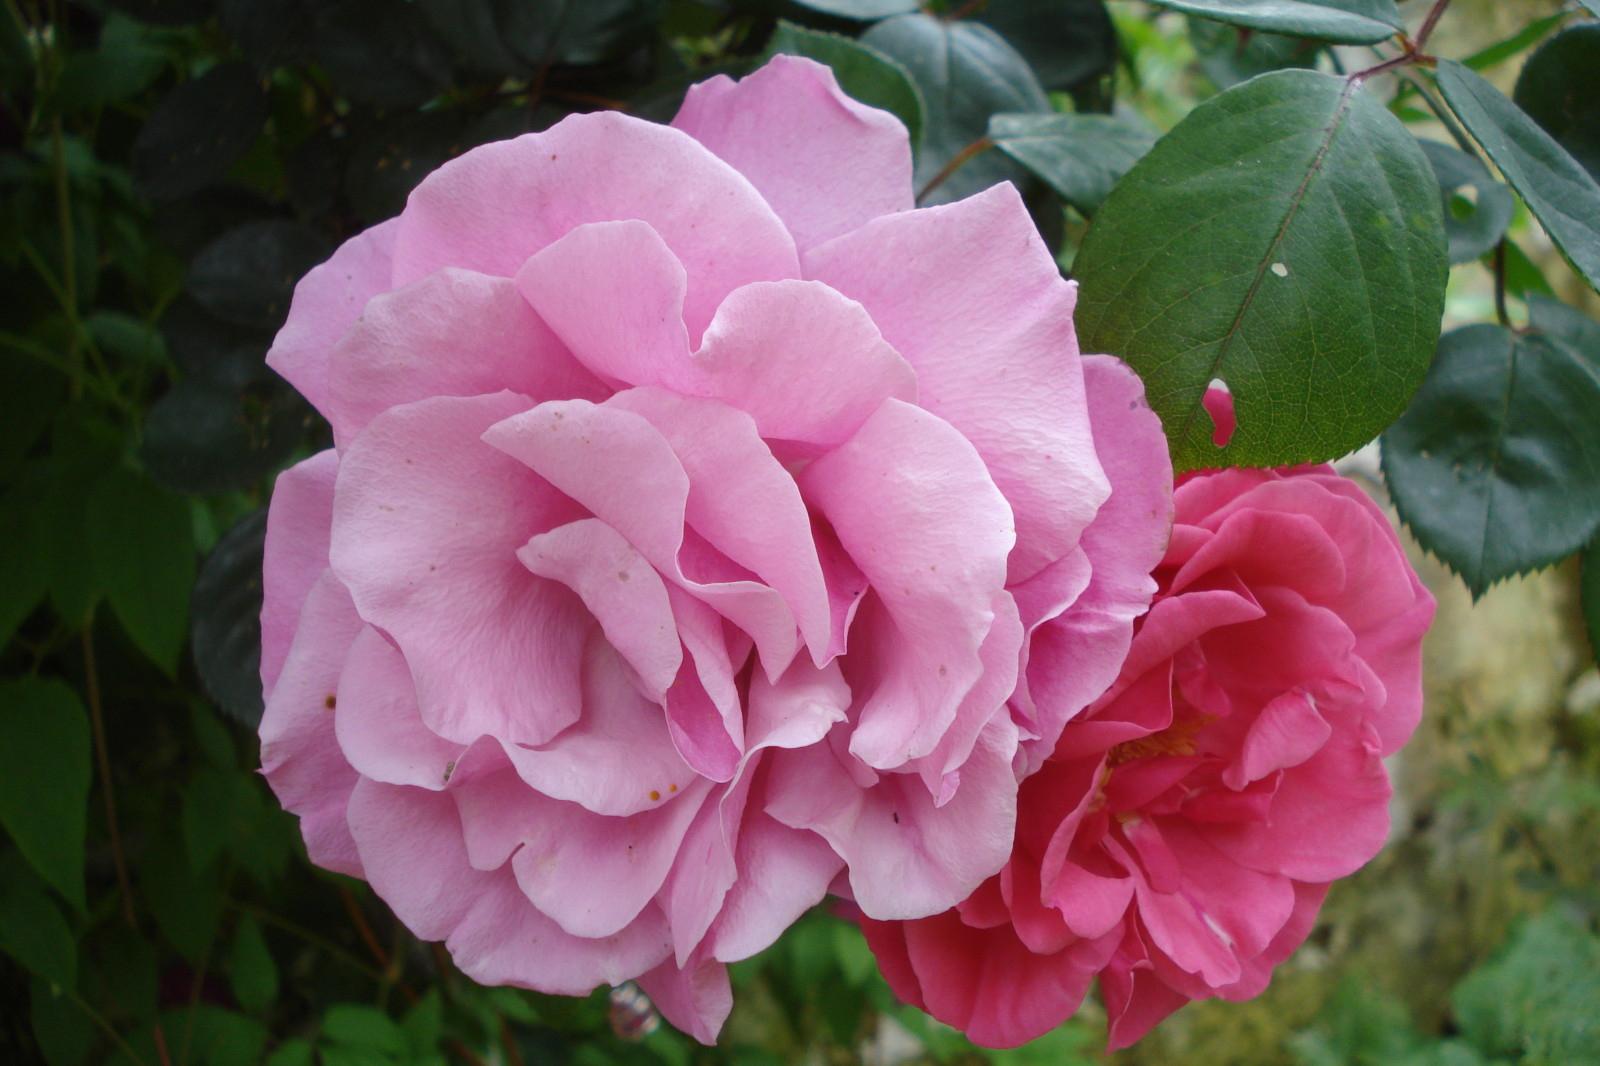 Arbre Aux Gentianes Jardiland Beau Photos Cagouille S Garden Cagouille S Garden C Est Mon Petit Jardin